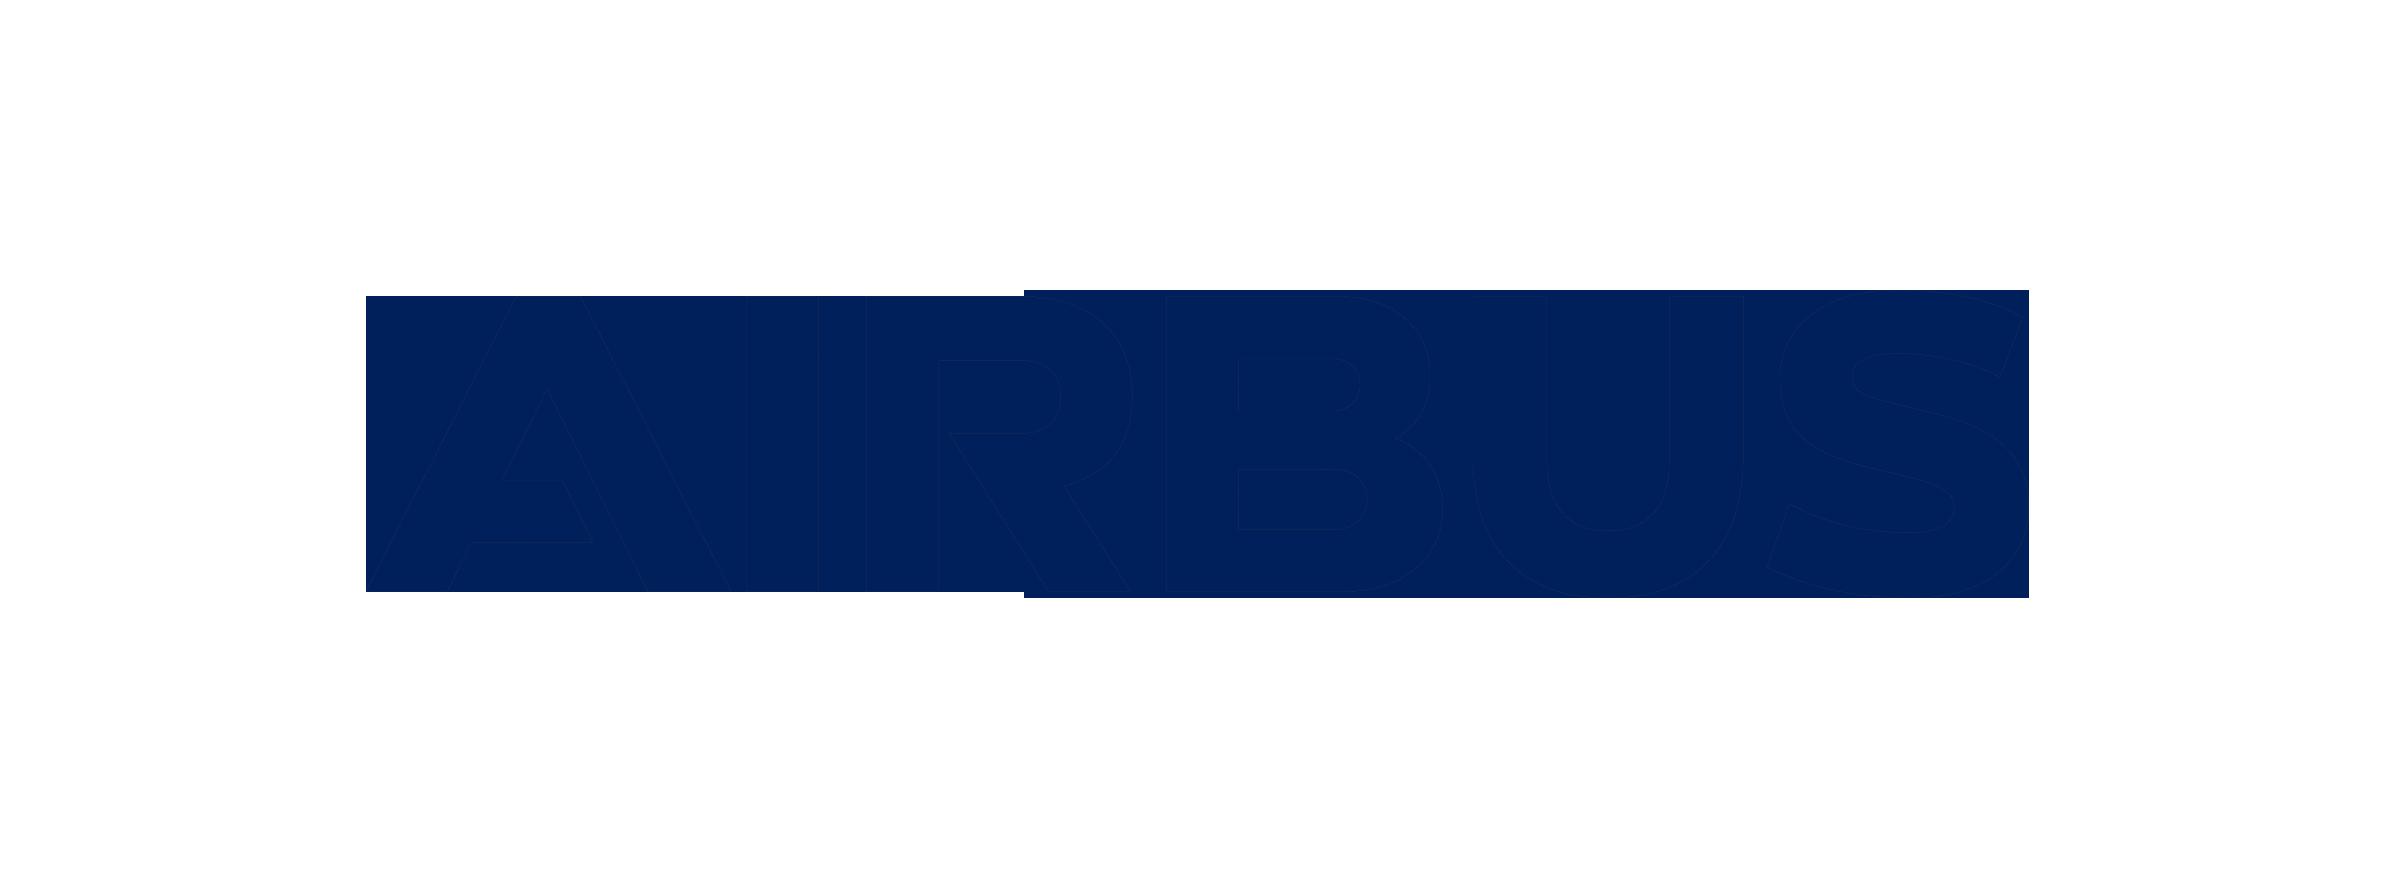 AIRBUS RGB